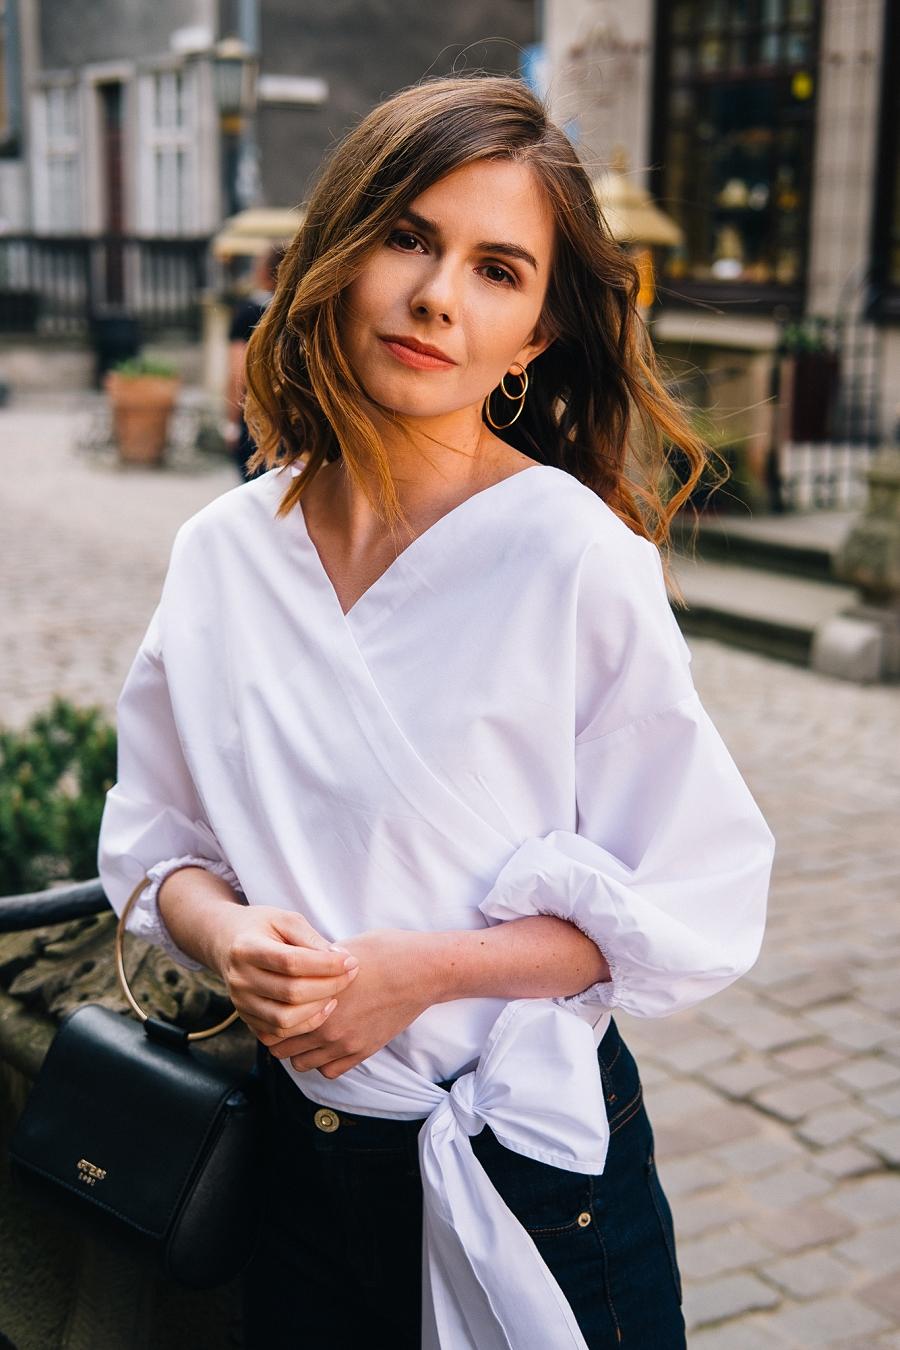 Style Guide Answear.com - klasyczne jeansy, torebka na metalowej obręczy i biała koszula